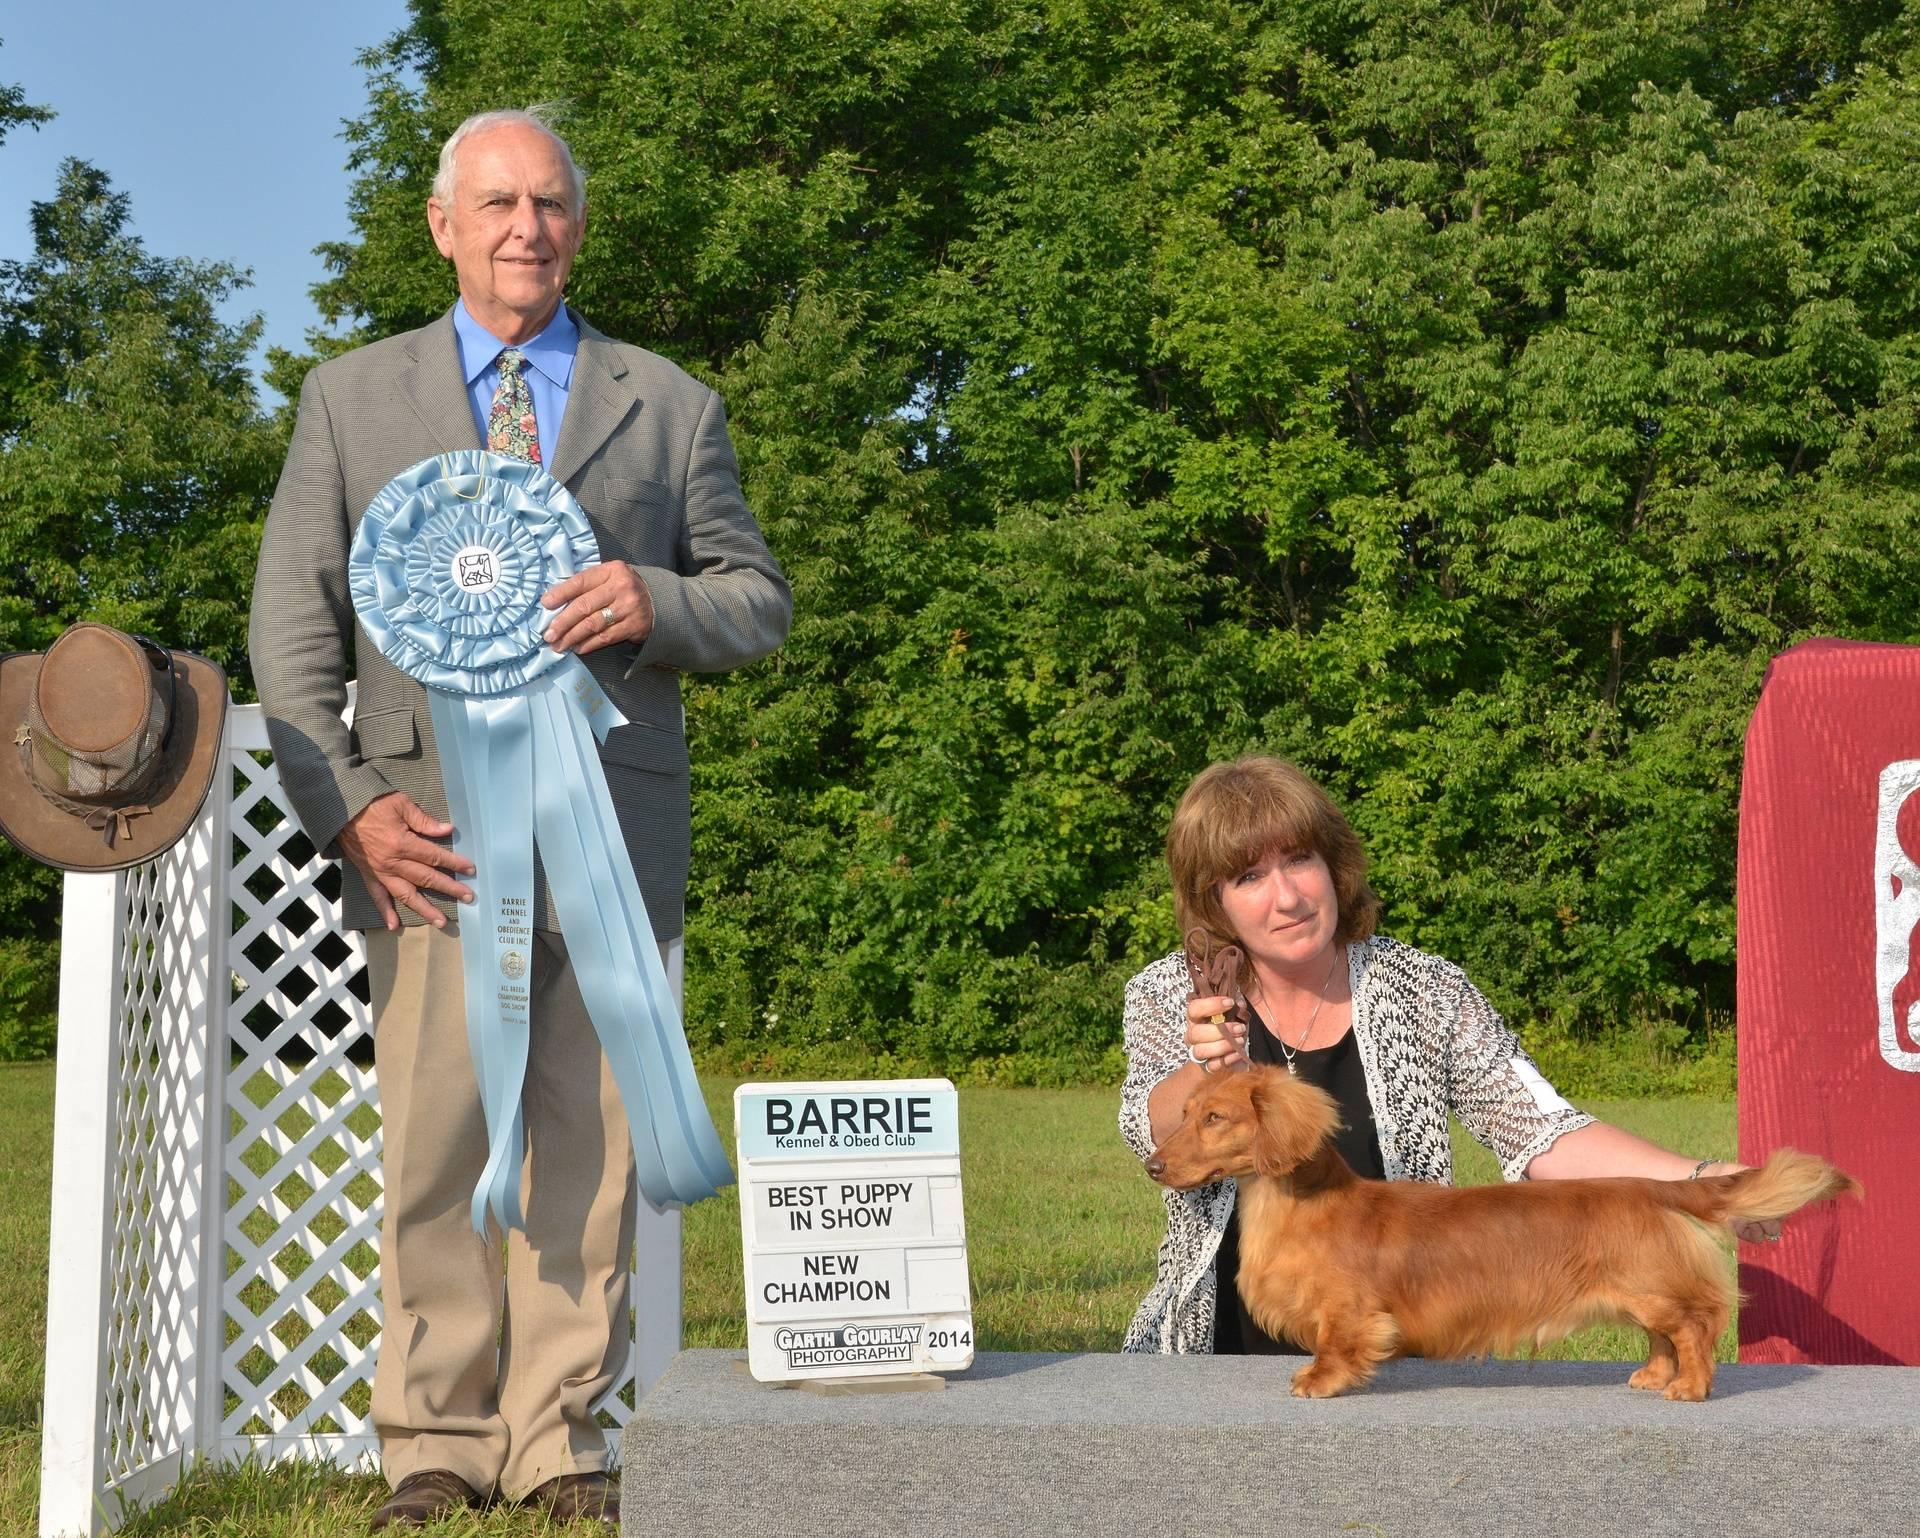 Saturday, August 2 - Best Puppy In Show